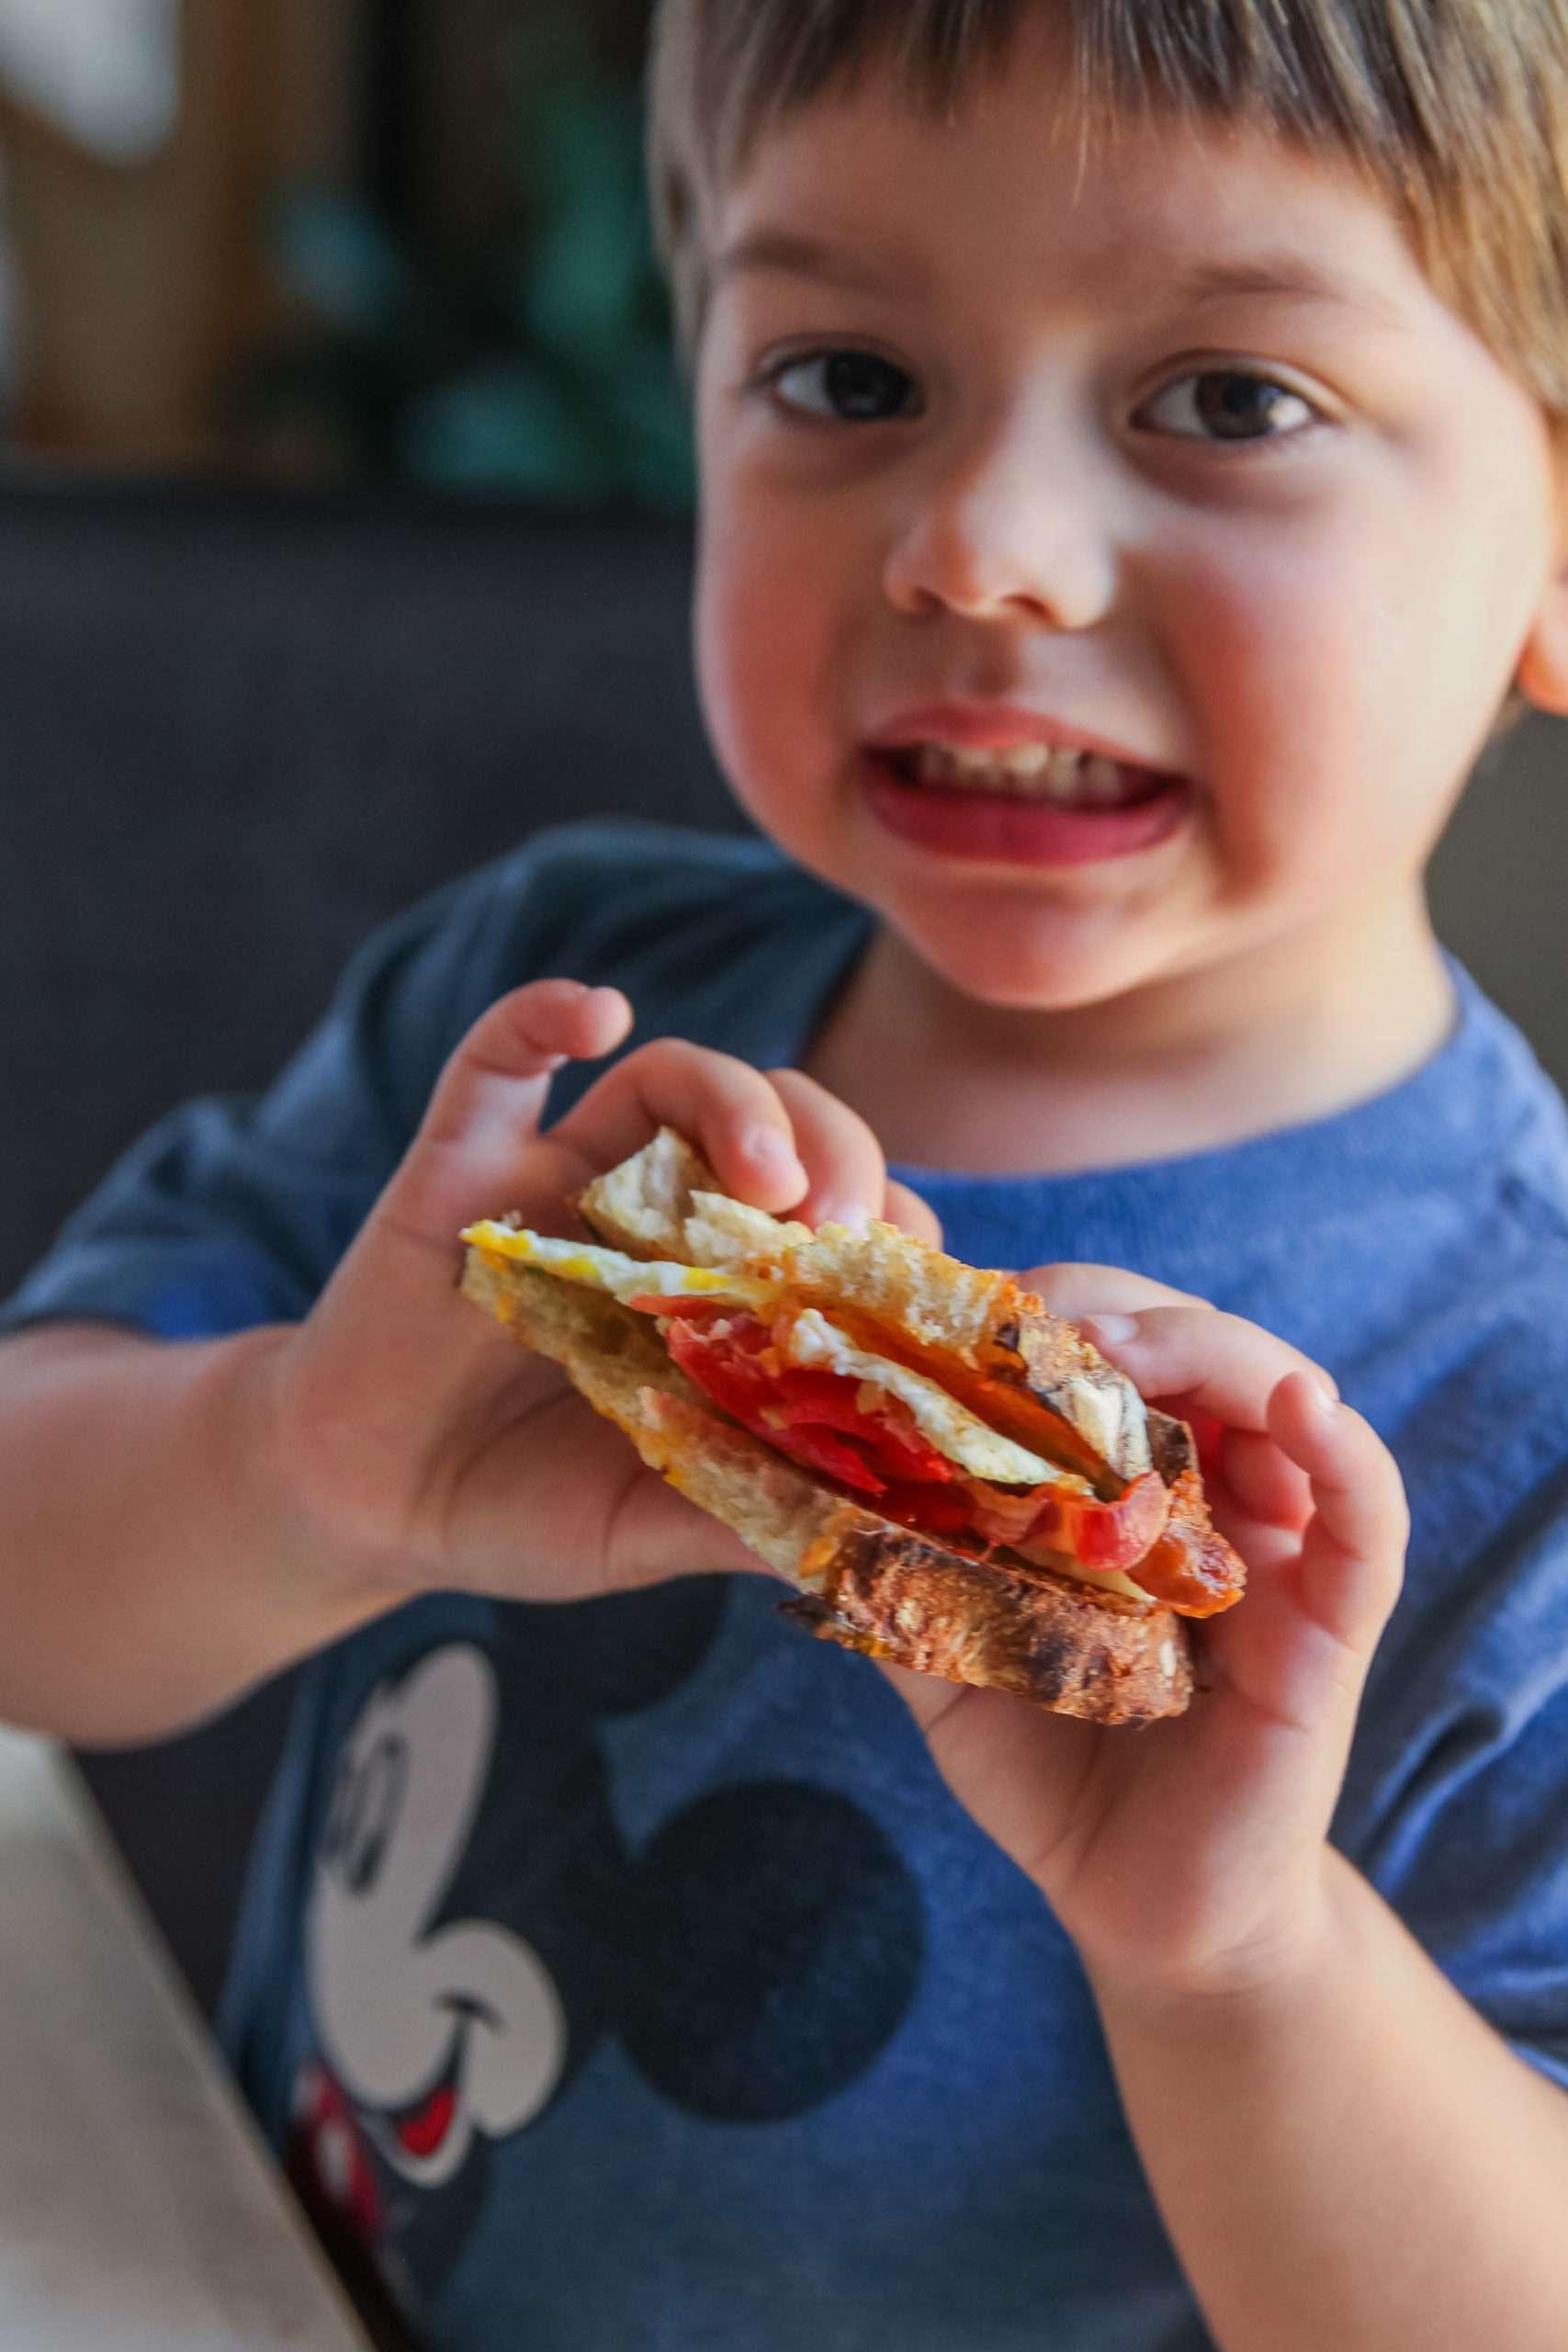 Beltch breakfast sandwich is kid approved